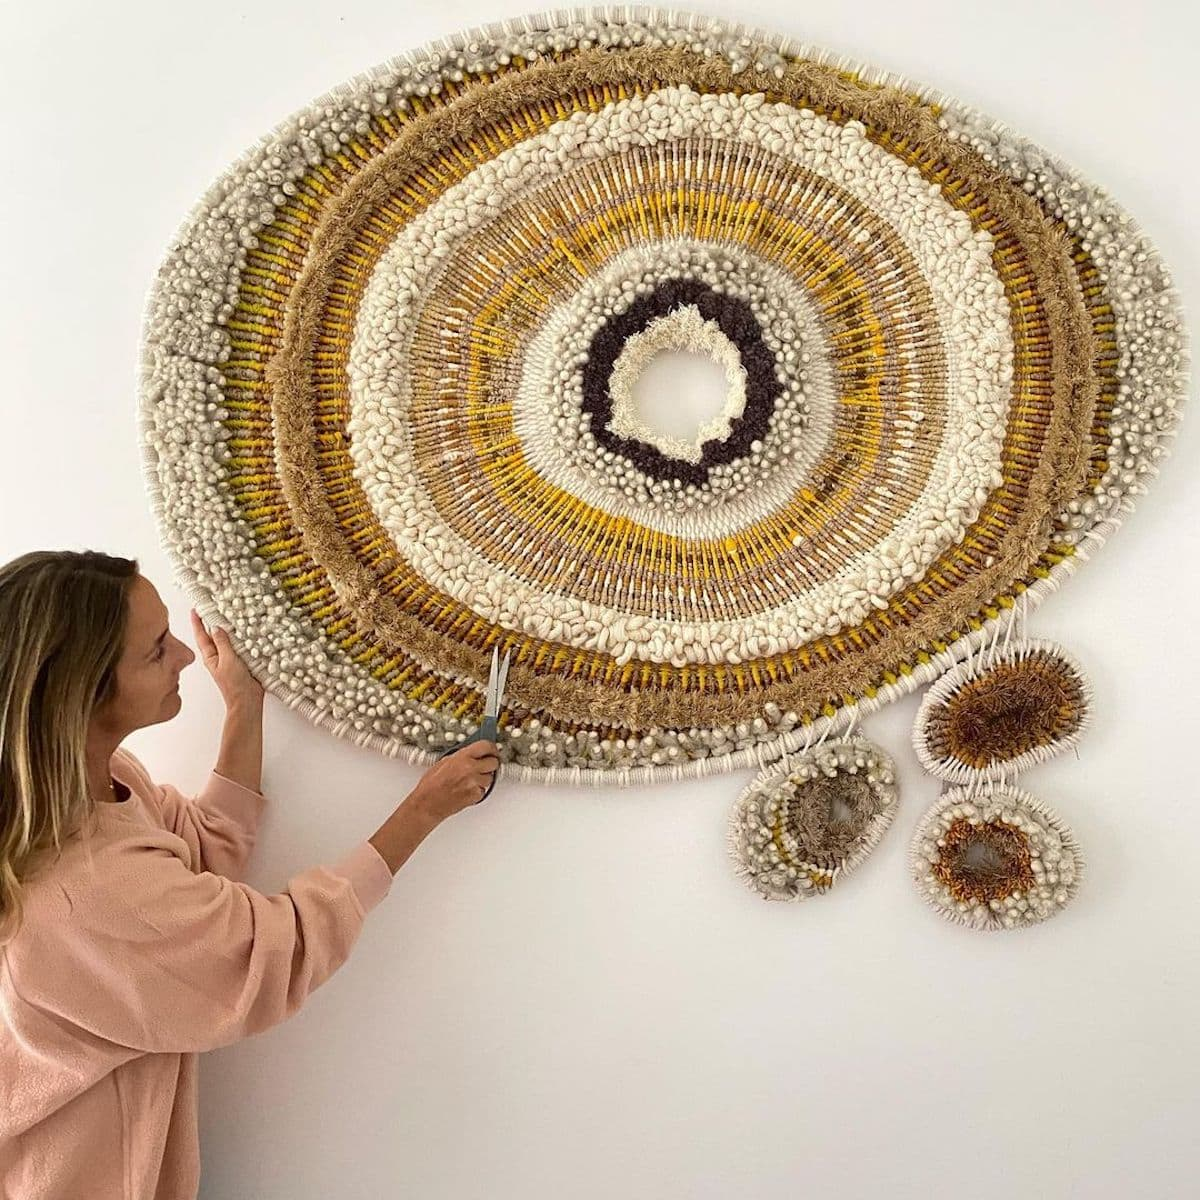 tammy kanat textile art 2